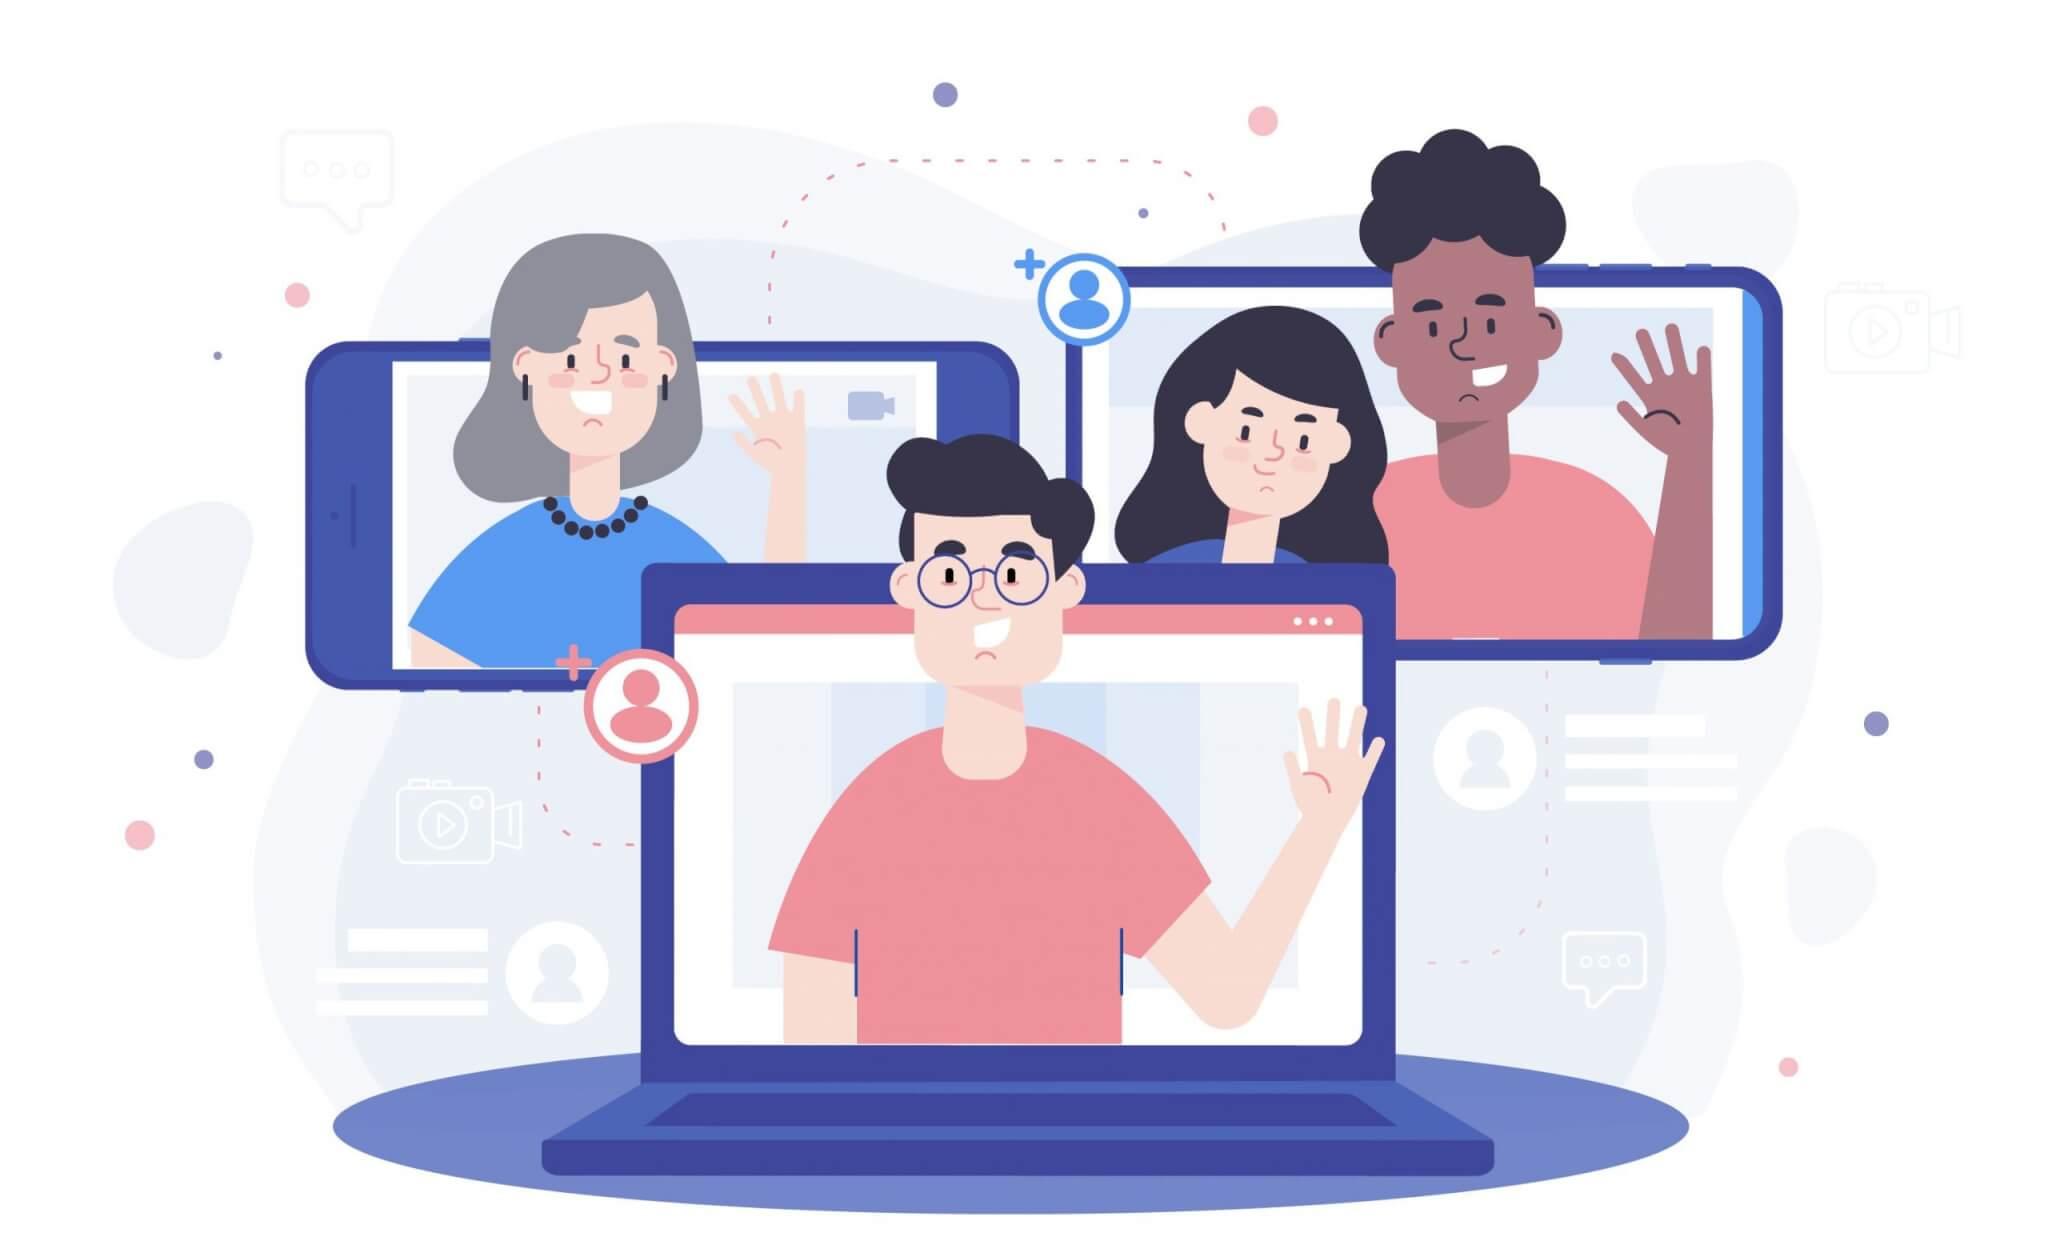 אנשים מציצים מהמכשירים שלהם - טאבלט, טלפון ומחשב נייד המראה על אסטרטגיית השיווק ל2020